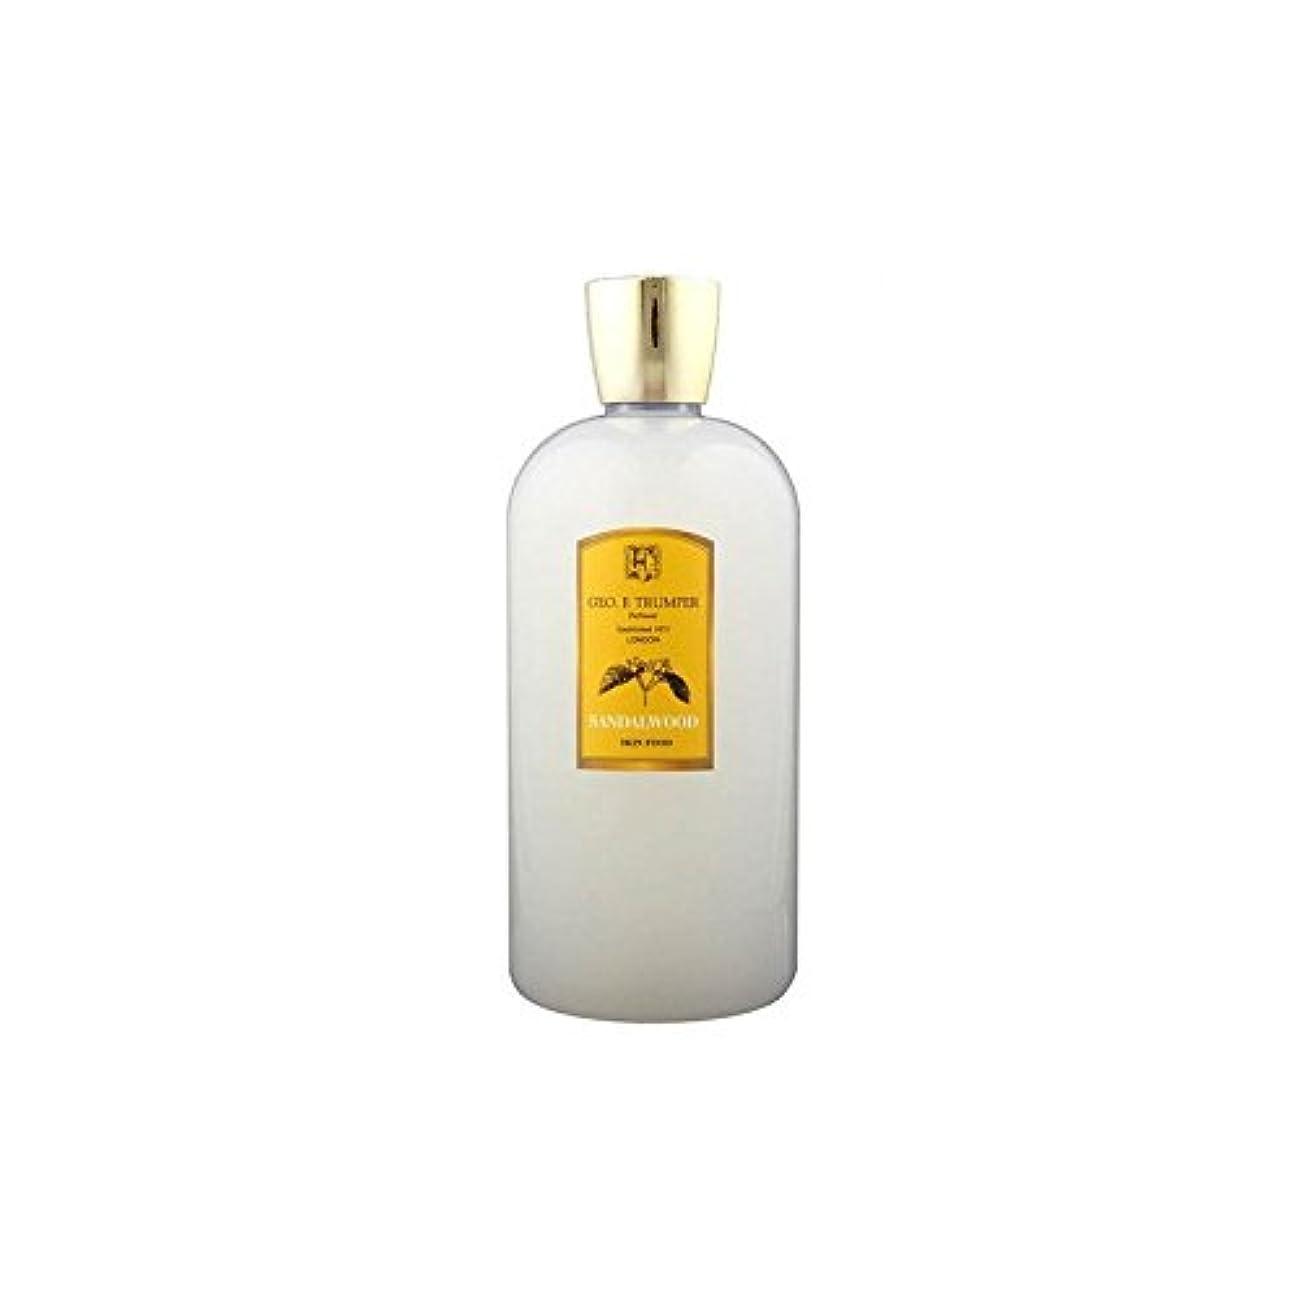 比較こっそり噴出するTrumpers Sandalwood Skin Food - 500ml Travel (Pack of 6) - サンダルウッドスキンフード - 500ミリリットル旅 x6 [並行輸入品]